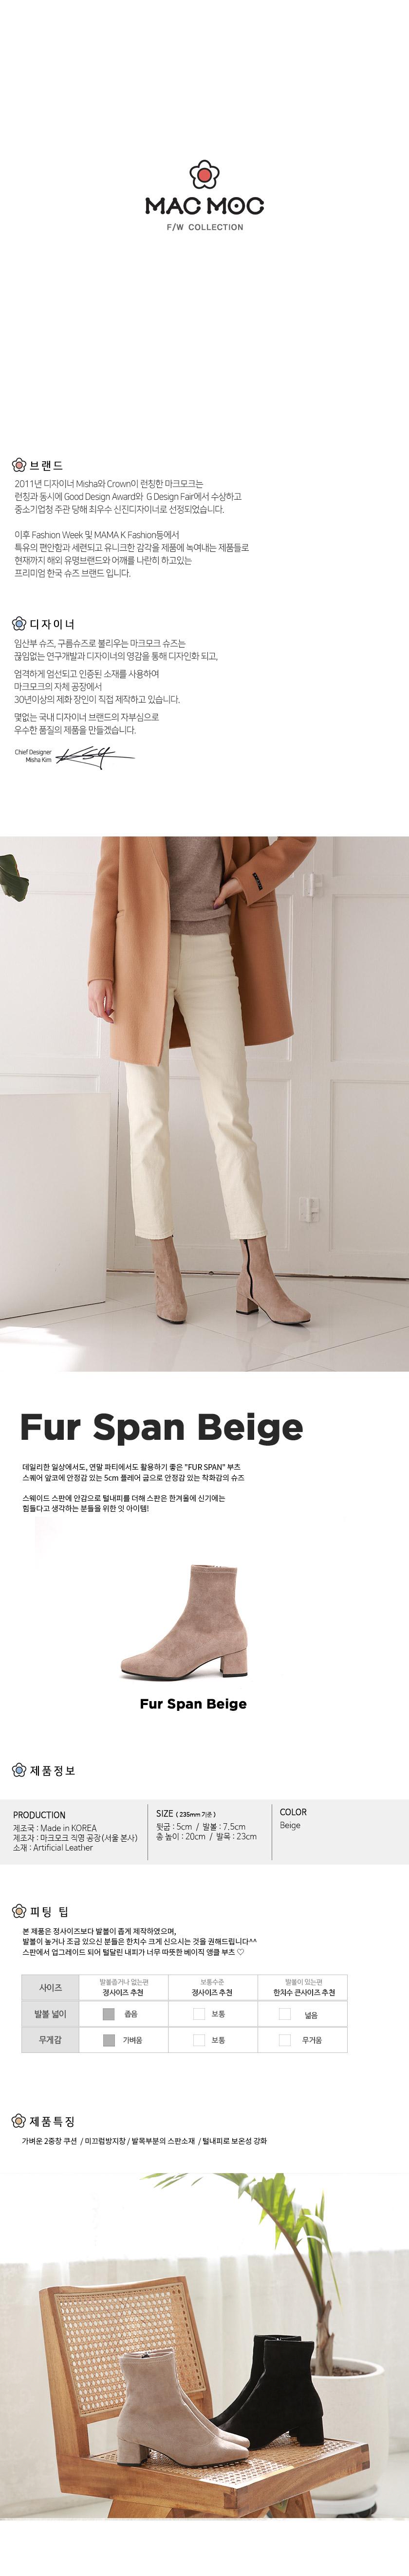 마크모크(MAC MOC) Fur Span Beige